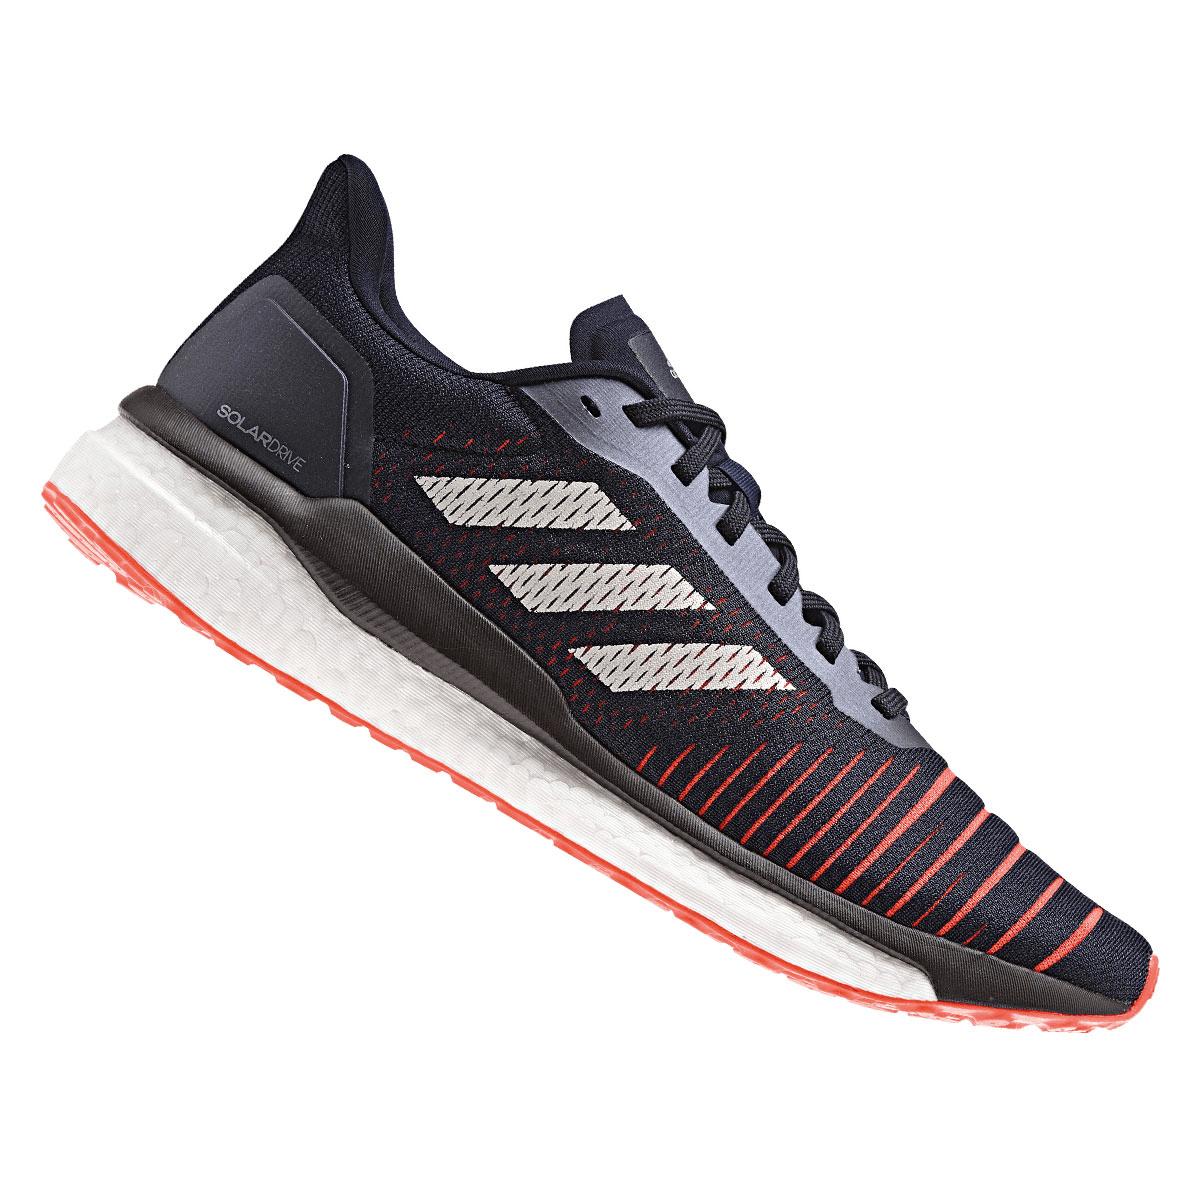 Adidas Laufschuhe Schuhe Herren 42 23